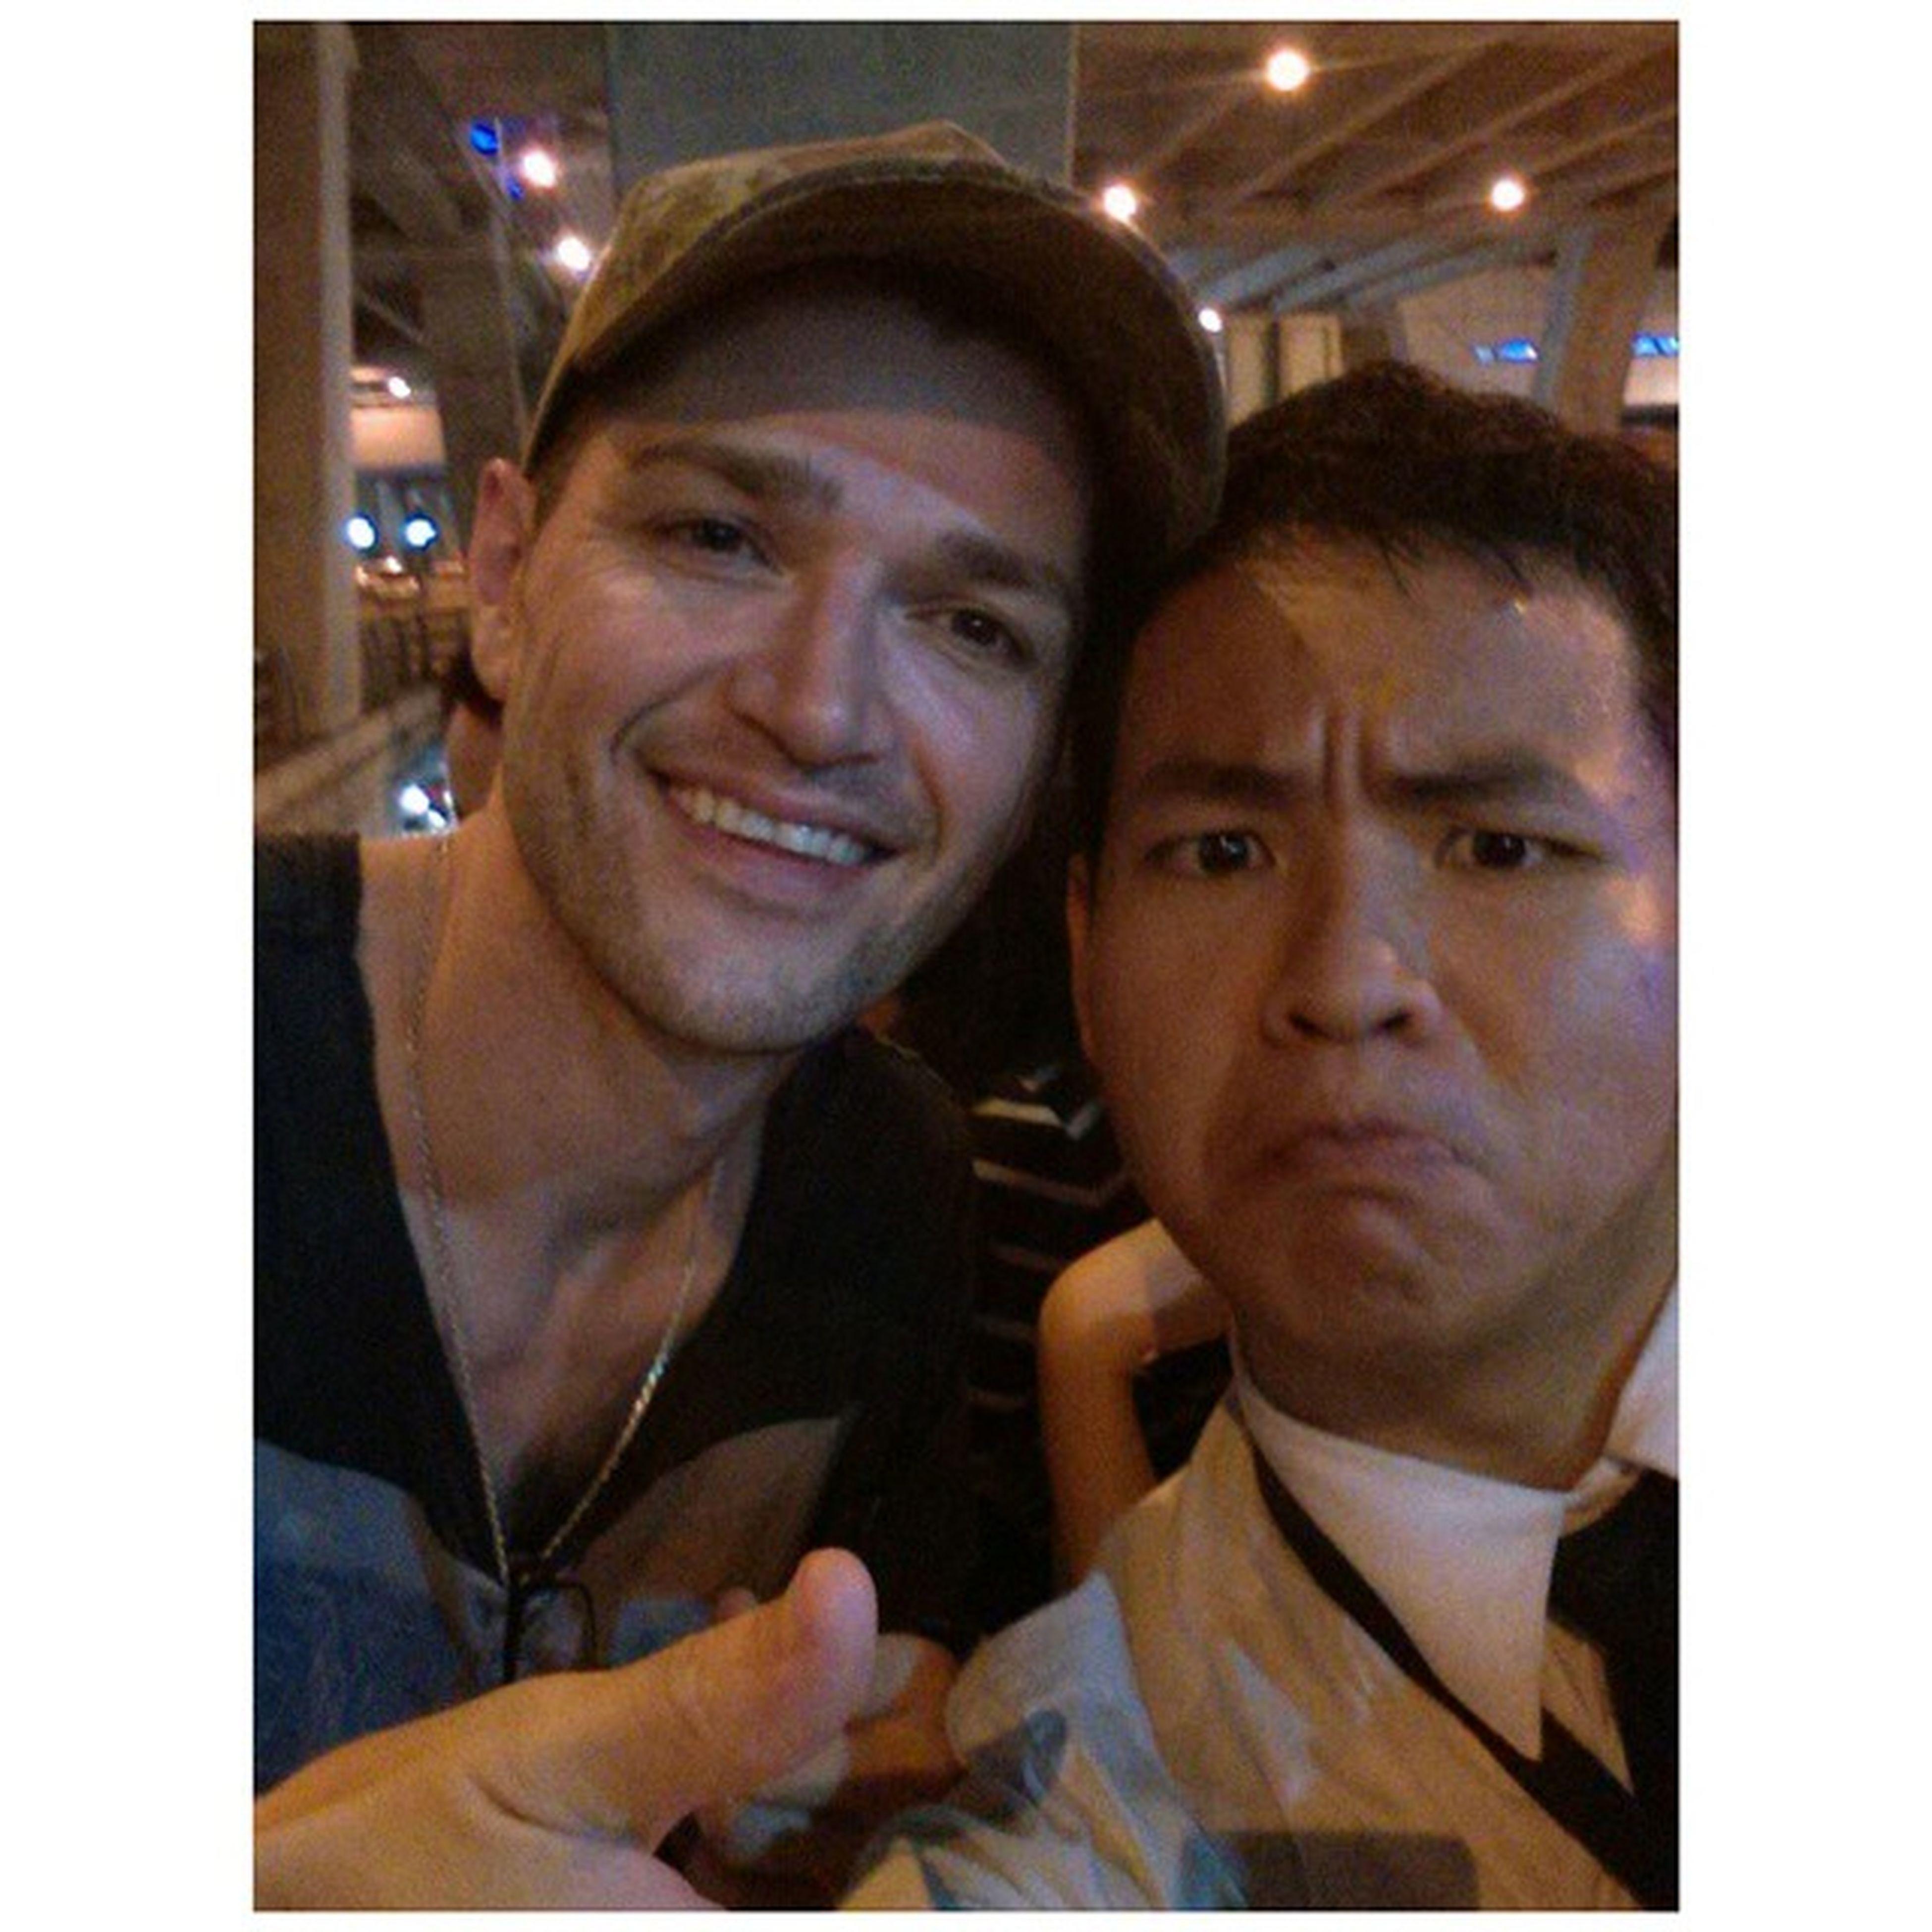 อ้าว พรุ่งนี้คอนเสิร์ต @thescriptofficial อ่า ติดสอบไปไม่ได้ เด่วเรียกเพื่อนมาเซลฟี่ก่อนขึ้นคอนแปป Thescript TheScriptThailand Dannythescript Sawasdeethescript TheScriptTH ILovethescript Selfie Bangkok Thailand